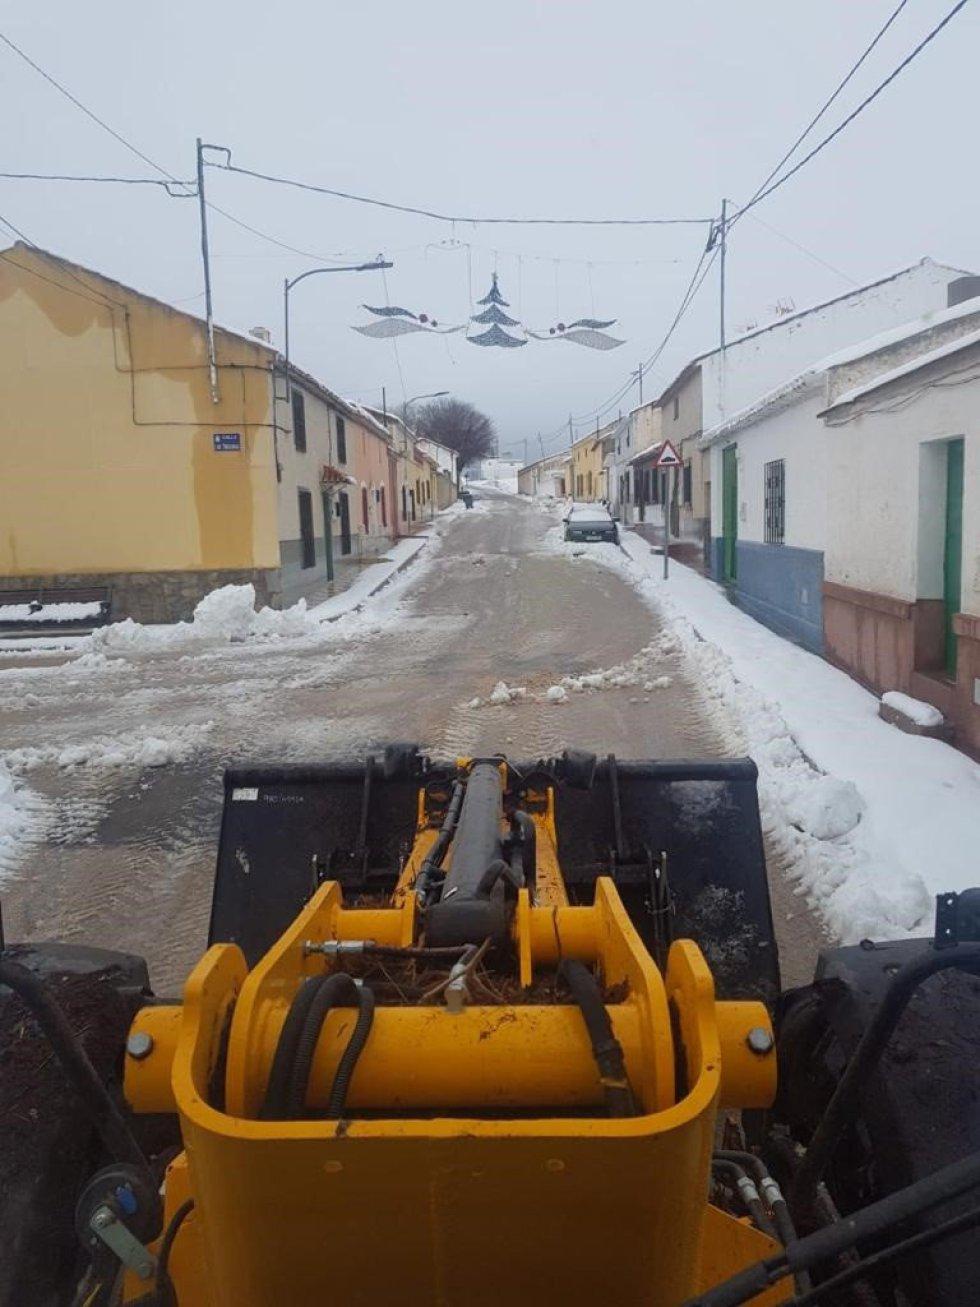 Nieve en las calles de Albacete